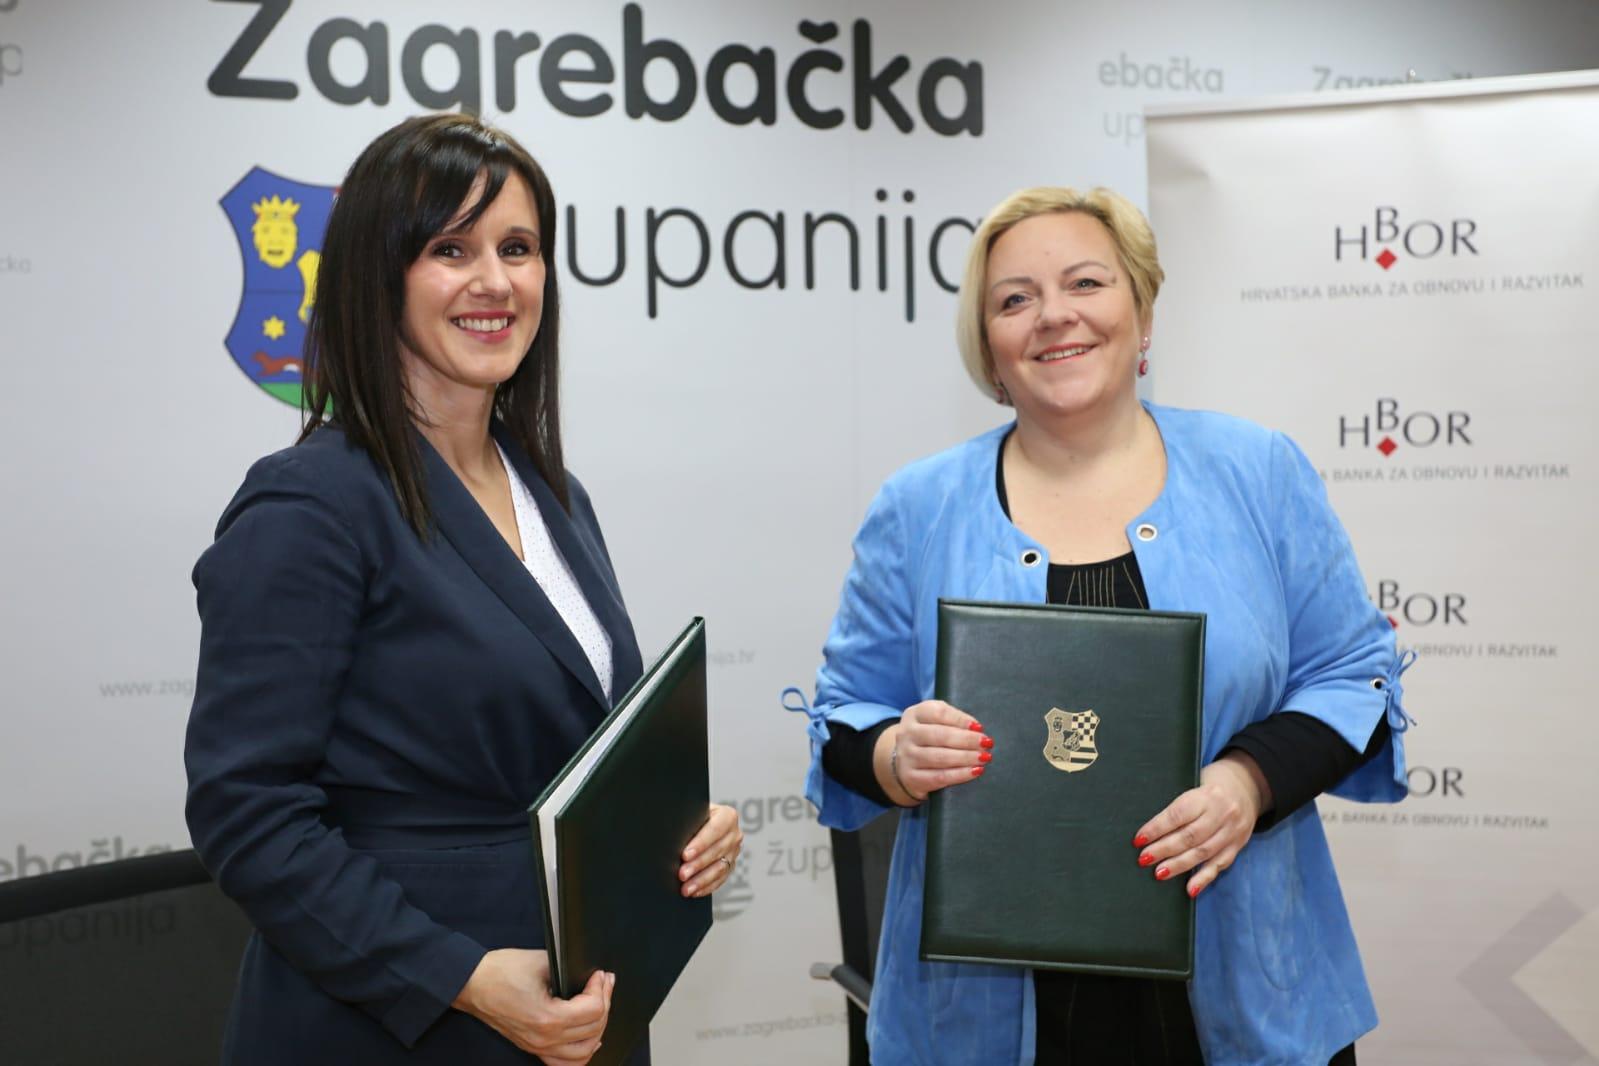 Zagrebačka županija s HBOR-om ugovorila subvencioniranje kamatne stope u visini do 1 postotnog boda